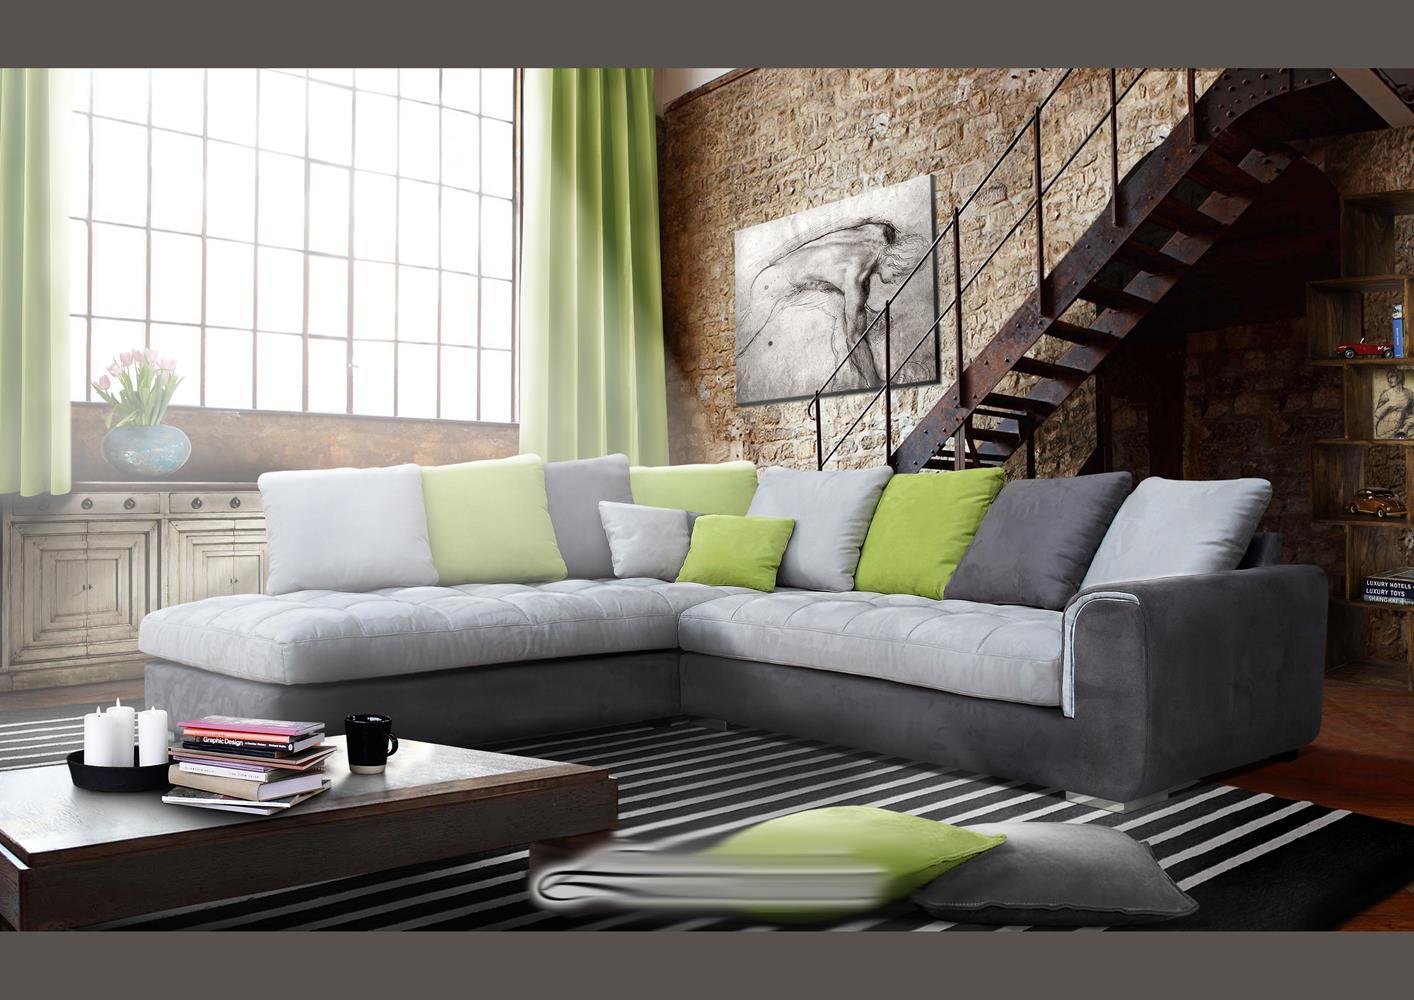 Coussin Coloré Pour Canapé Acheter Votre Canapé Moderne Coussins Jetés ton Gris Et